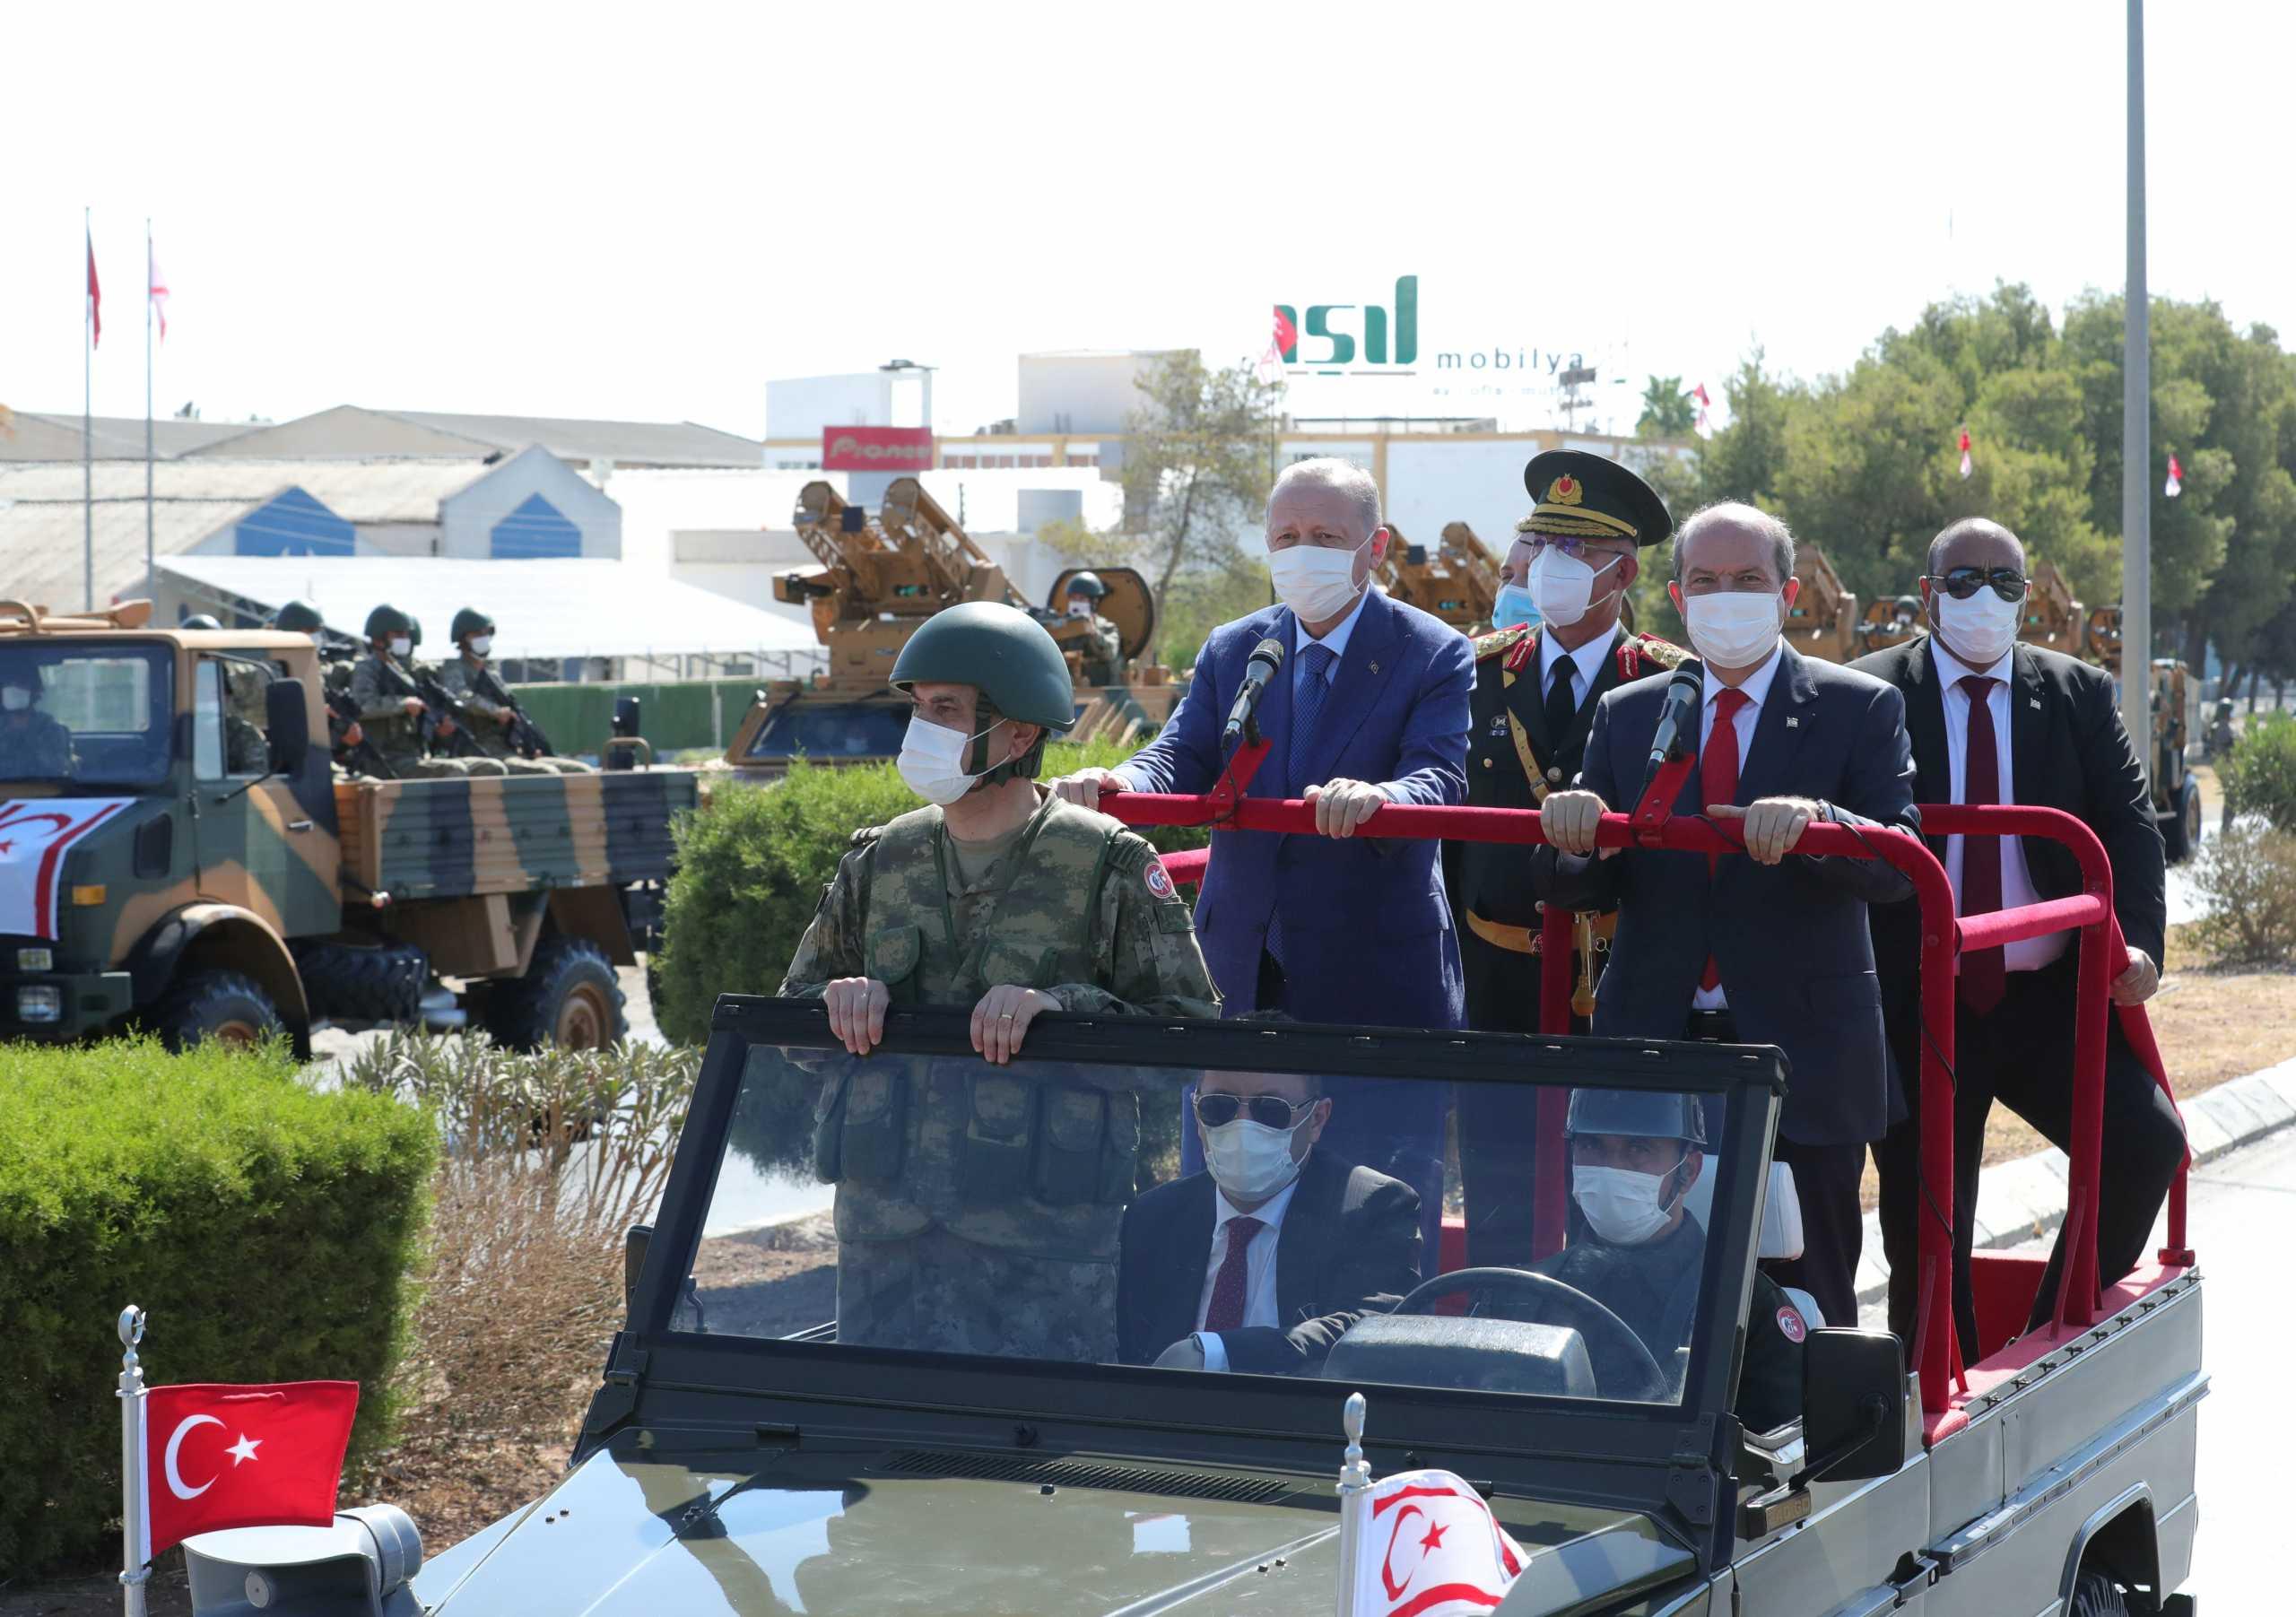 Κομισιόν: Η ΕΕ ζητάει σεβασμό των αποφάσεων του ΟΗΕ για το Κυπριακό